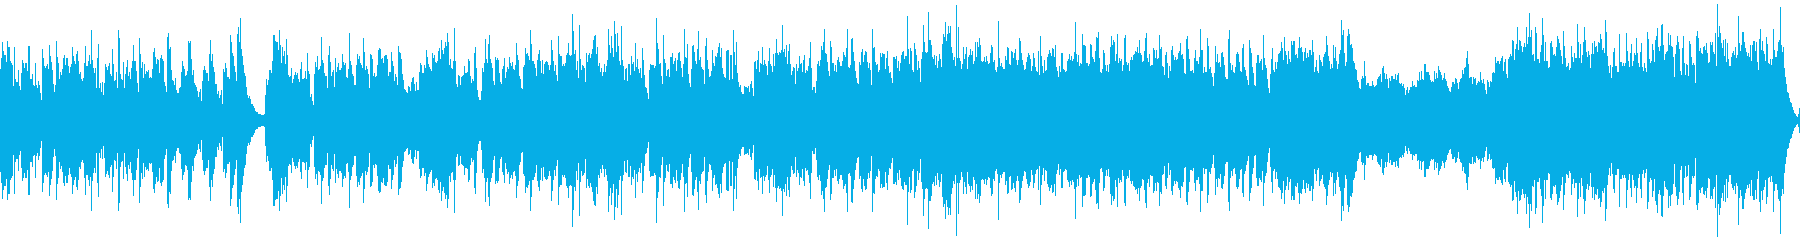 ミステリアスな舞踏会のテーマ(ループ)の再生済みの波形